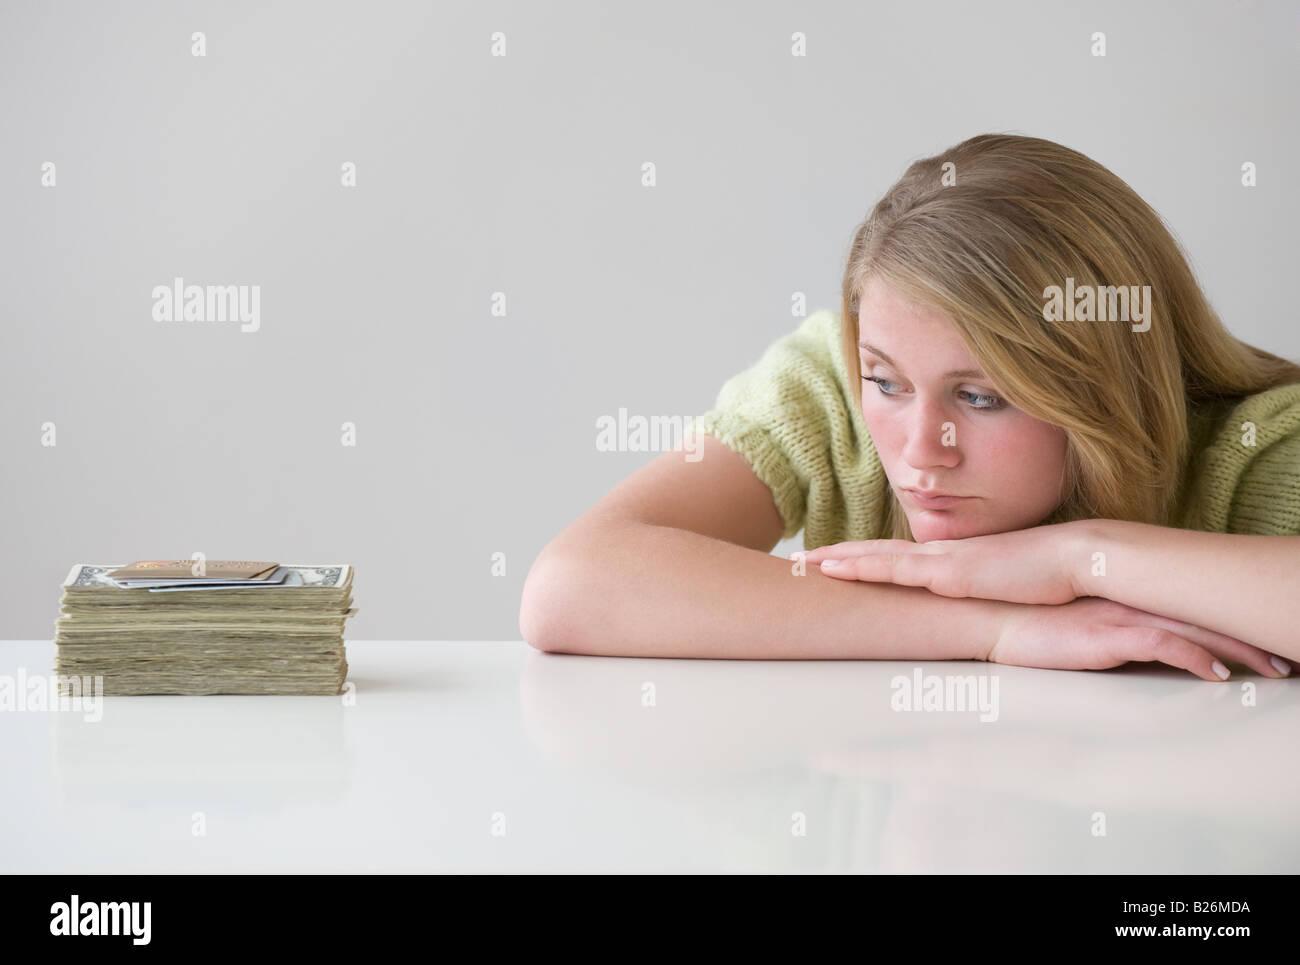 Ragazza adolescente guardando alla pila di denaro Immagini Stock